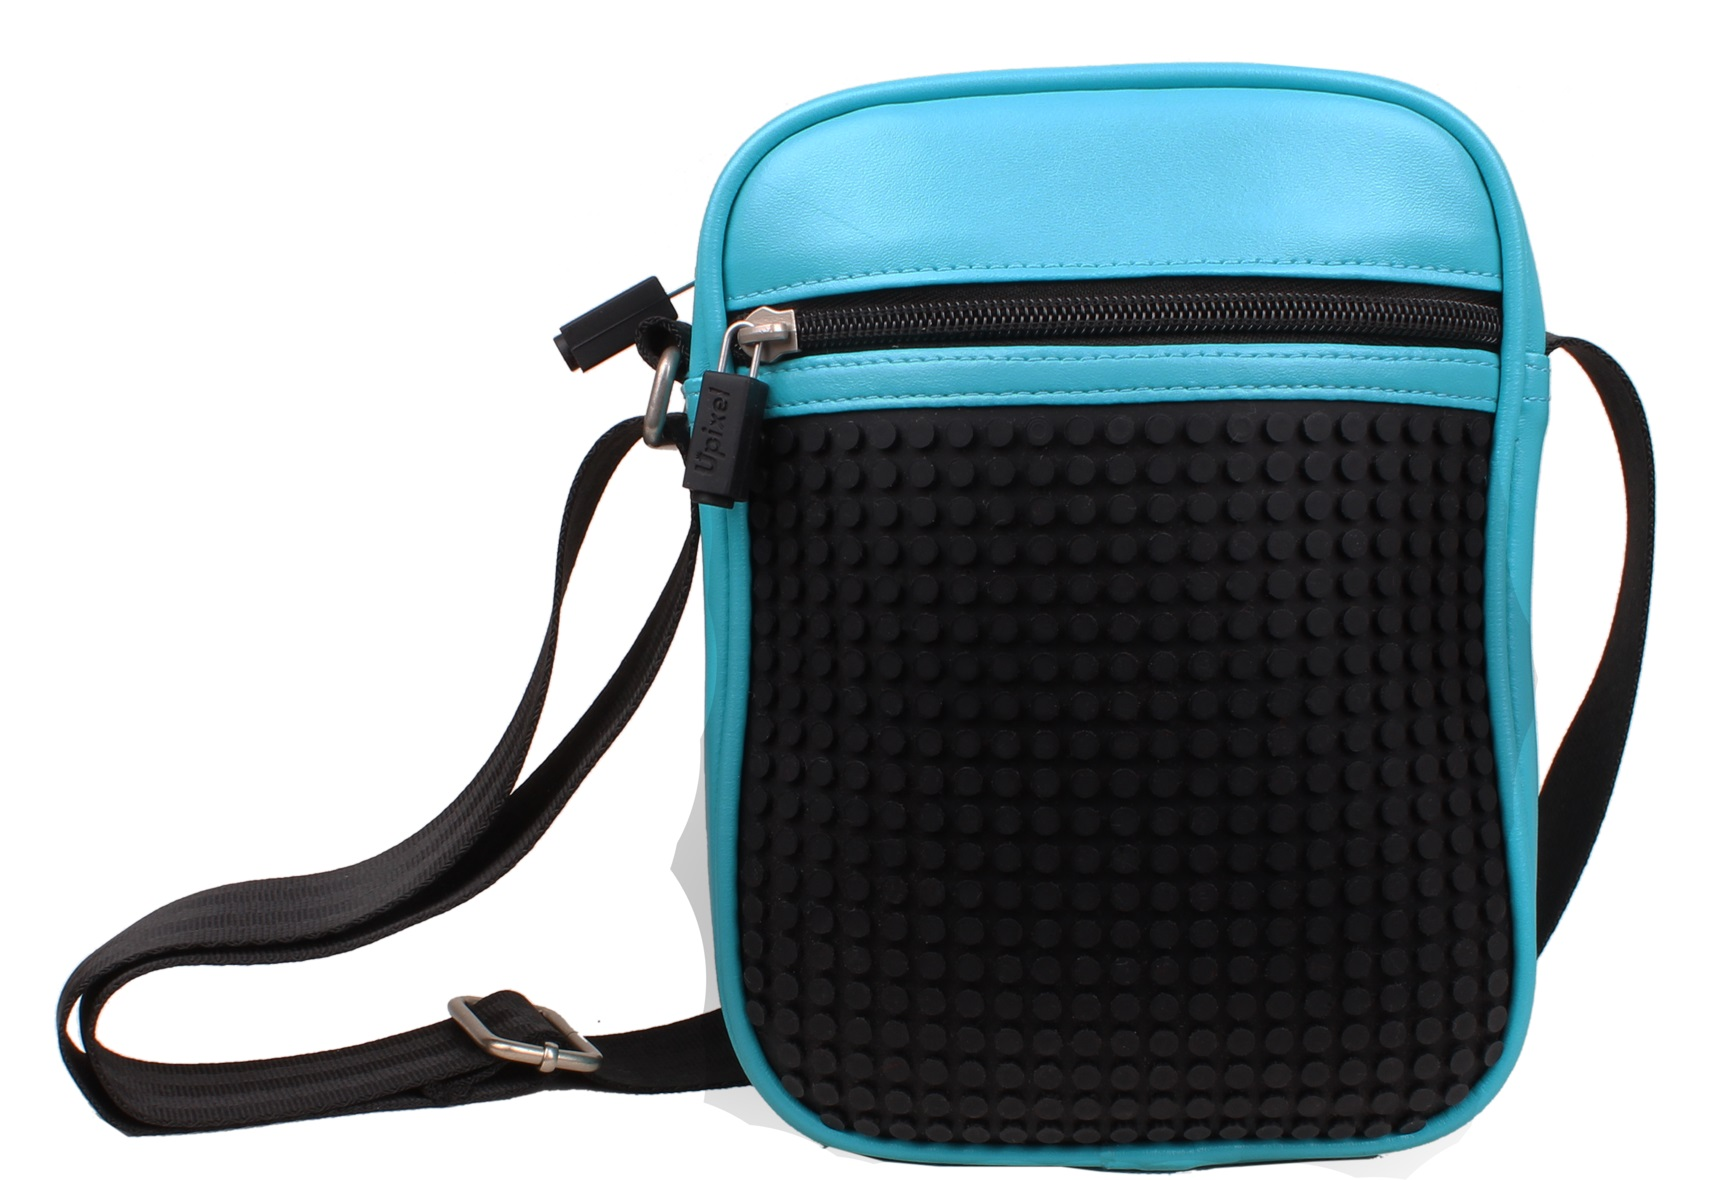 Пиксельная сумка (Ambler shoulder bag) WY-A018 (Голубая)Представляем вашему вниманию пиксельную сумку (Ambler shoulder bag) WY-A018, имеющий силиконовую панель, на которой с помощью «пикселей» в виде мозаики выкладывается абсолютно любой рисунок.<br>